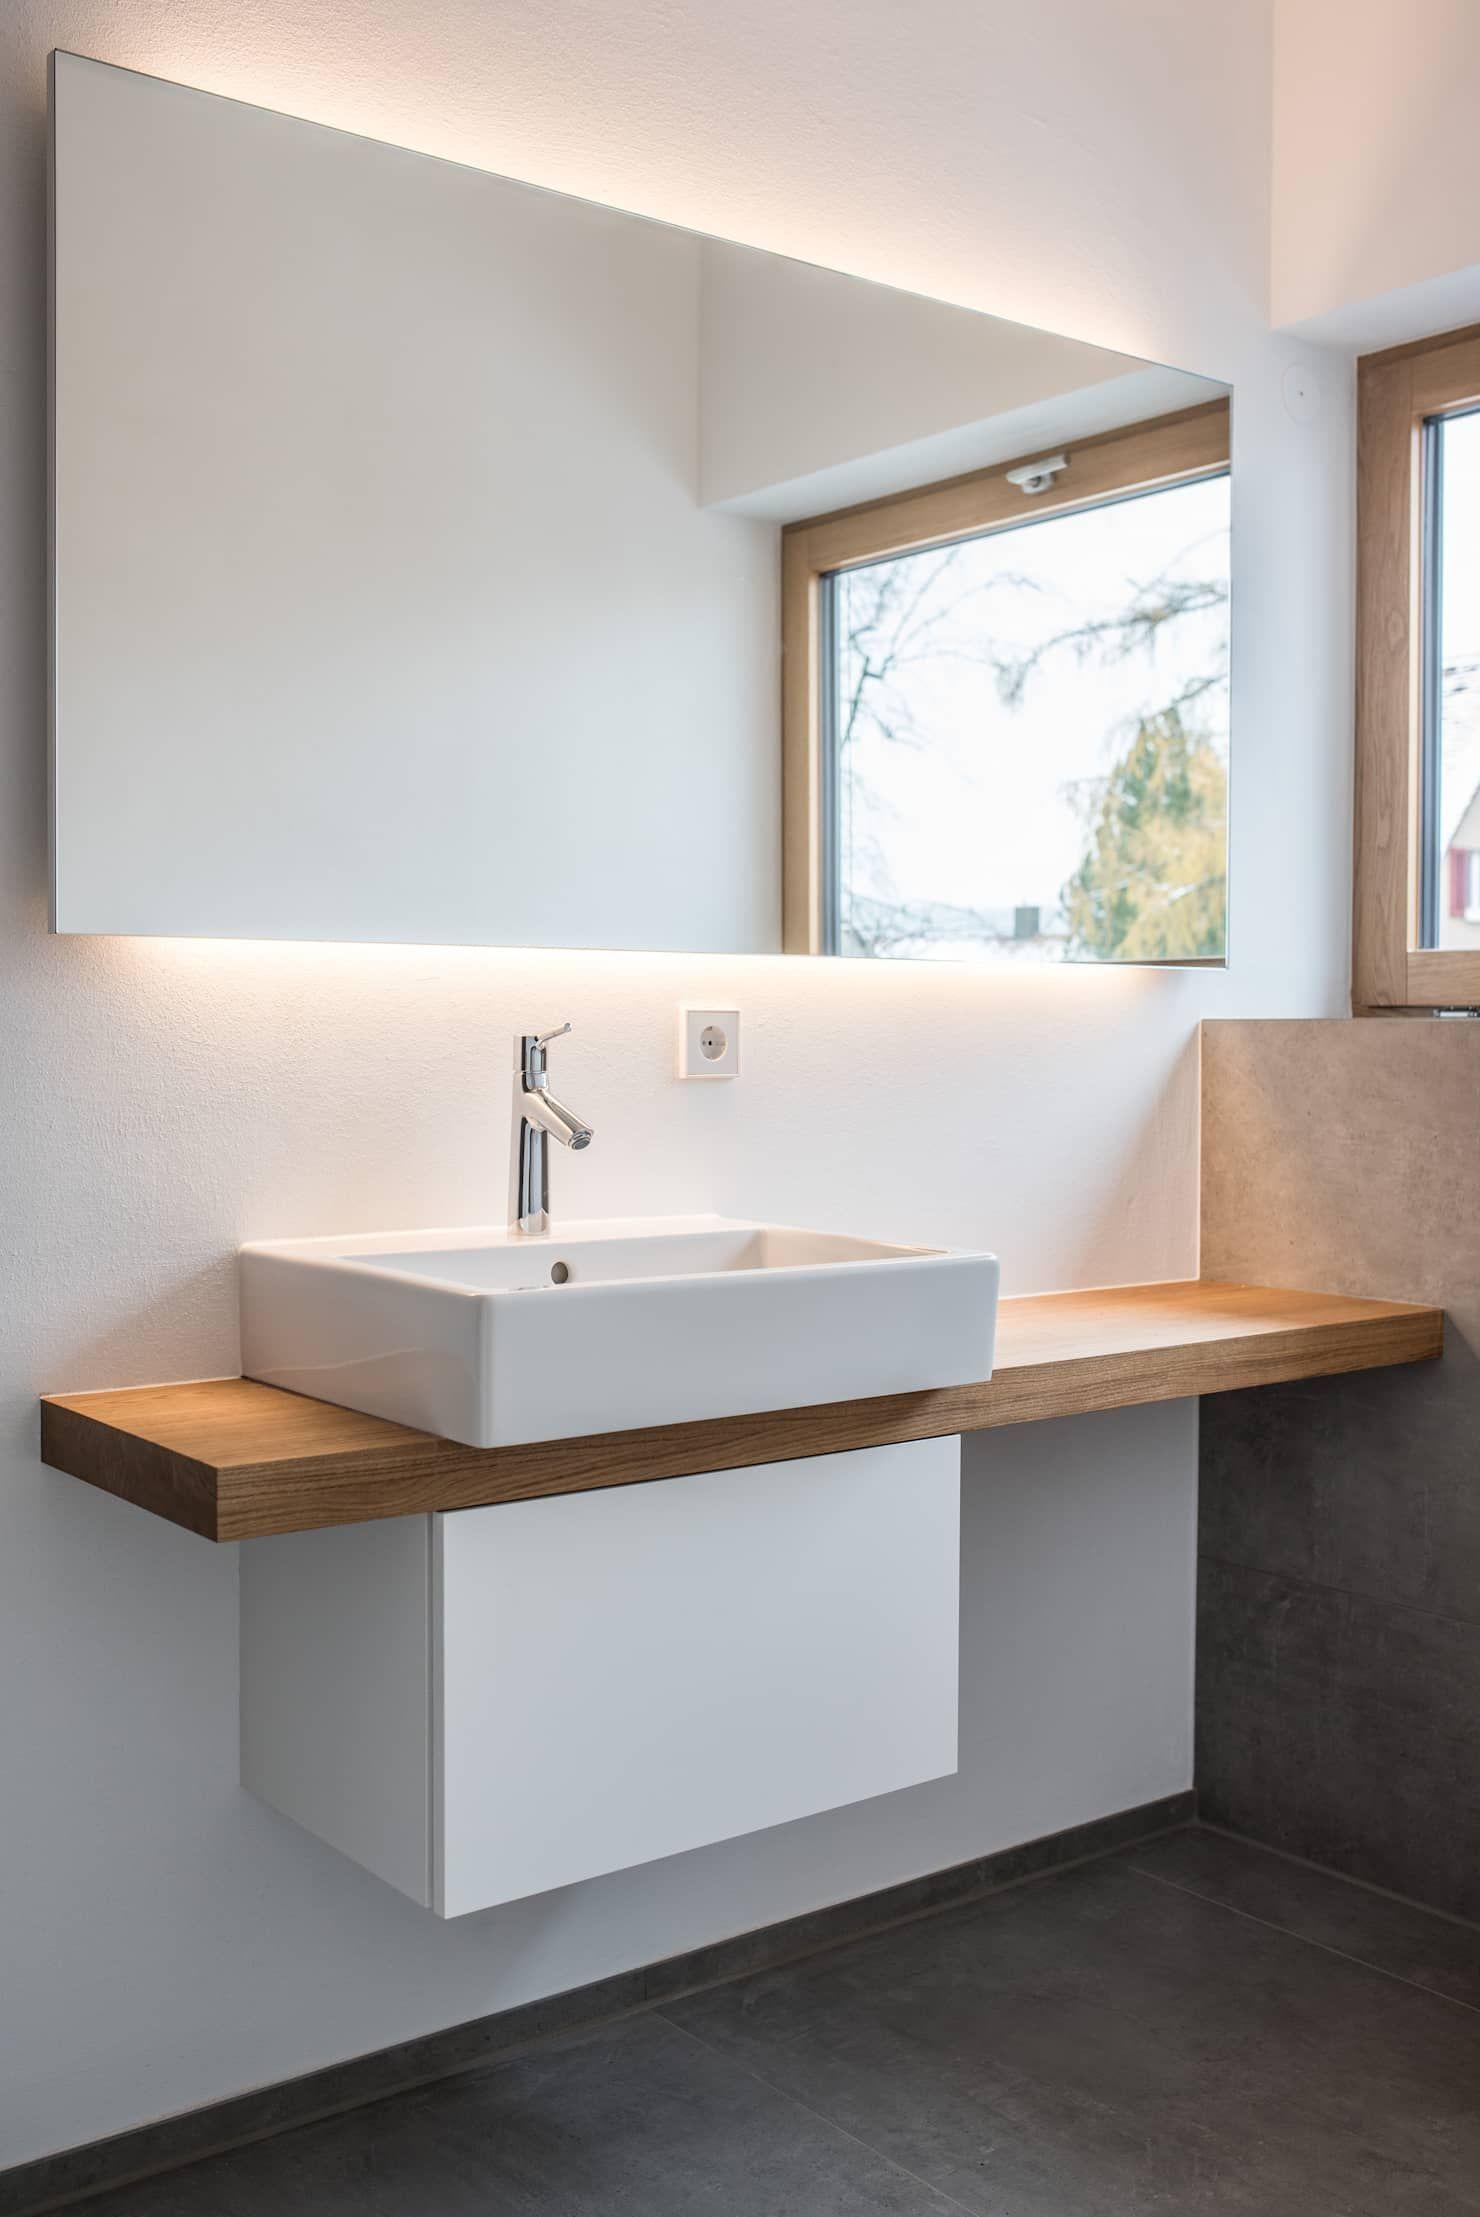 Waschtisch Moderne Badezimmer Von Mannsperger Mobel Raumdesign Modern Homify Modernes Badezimmer Raumdesign Badezimmerideen